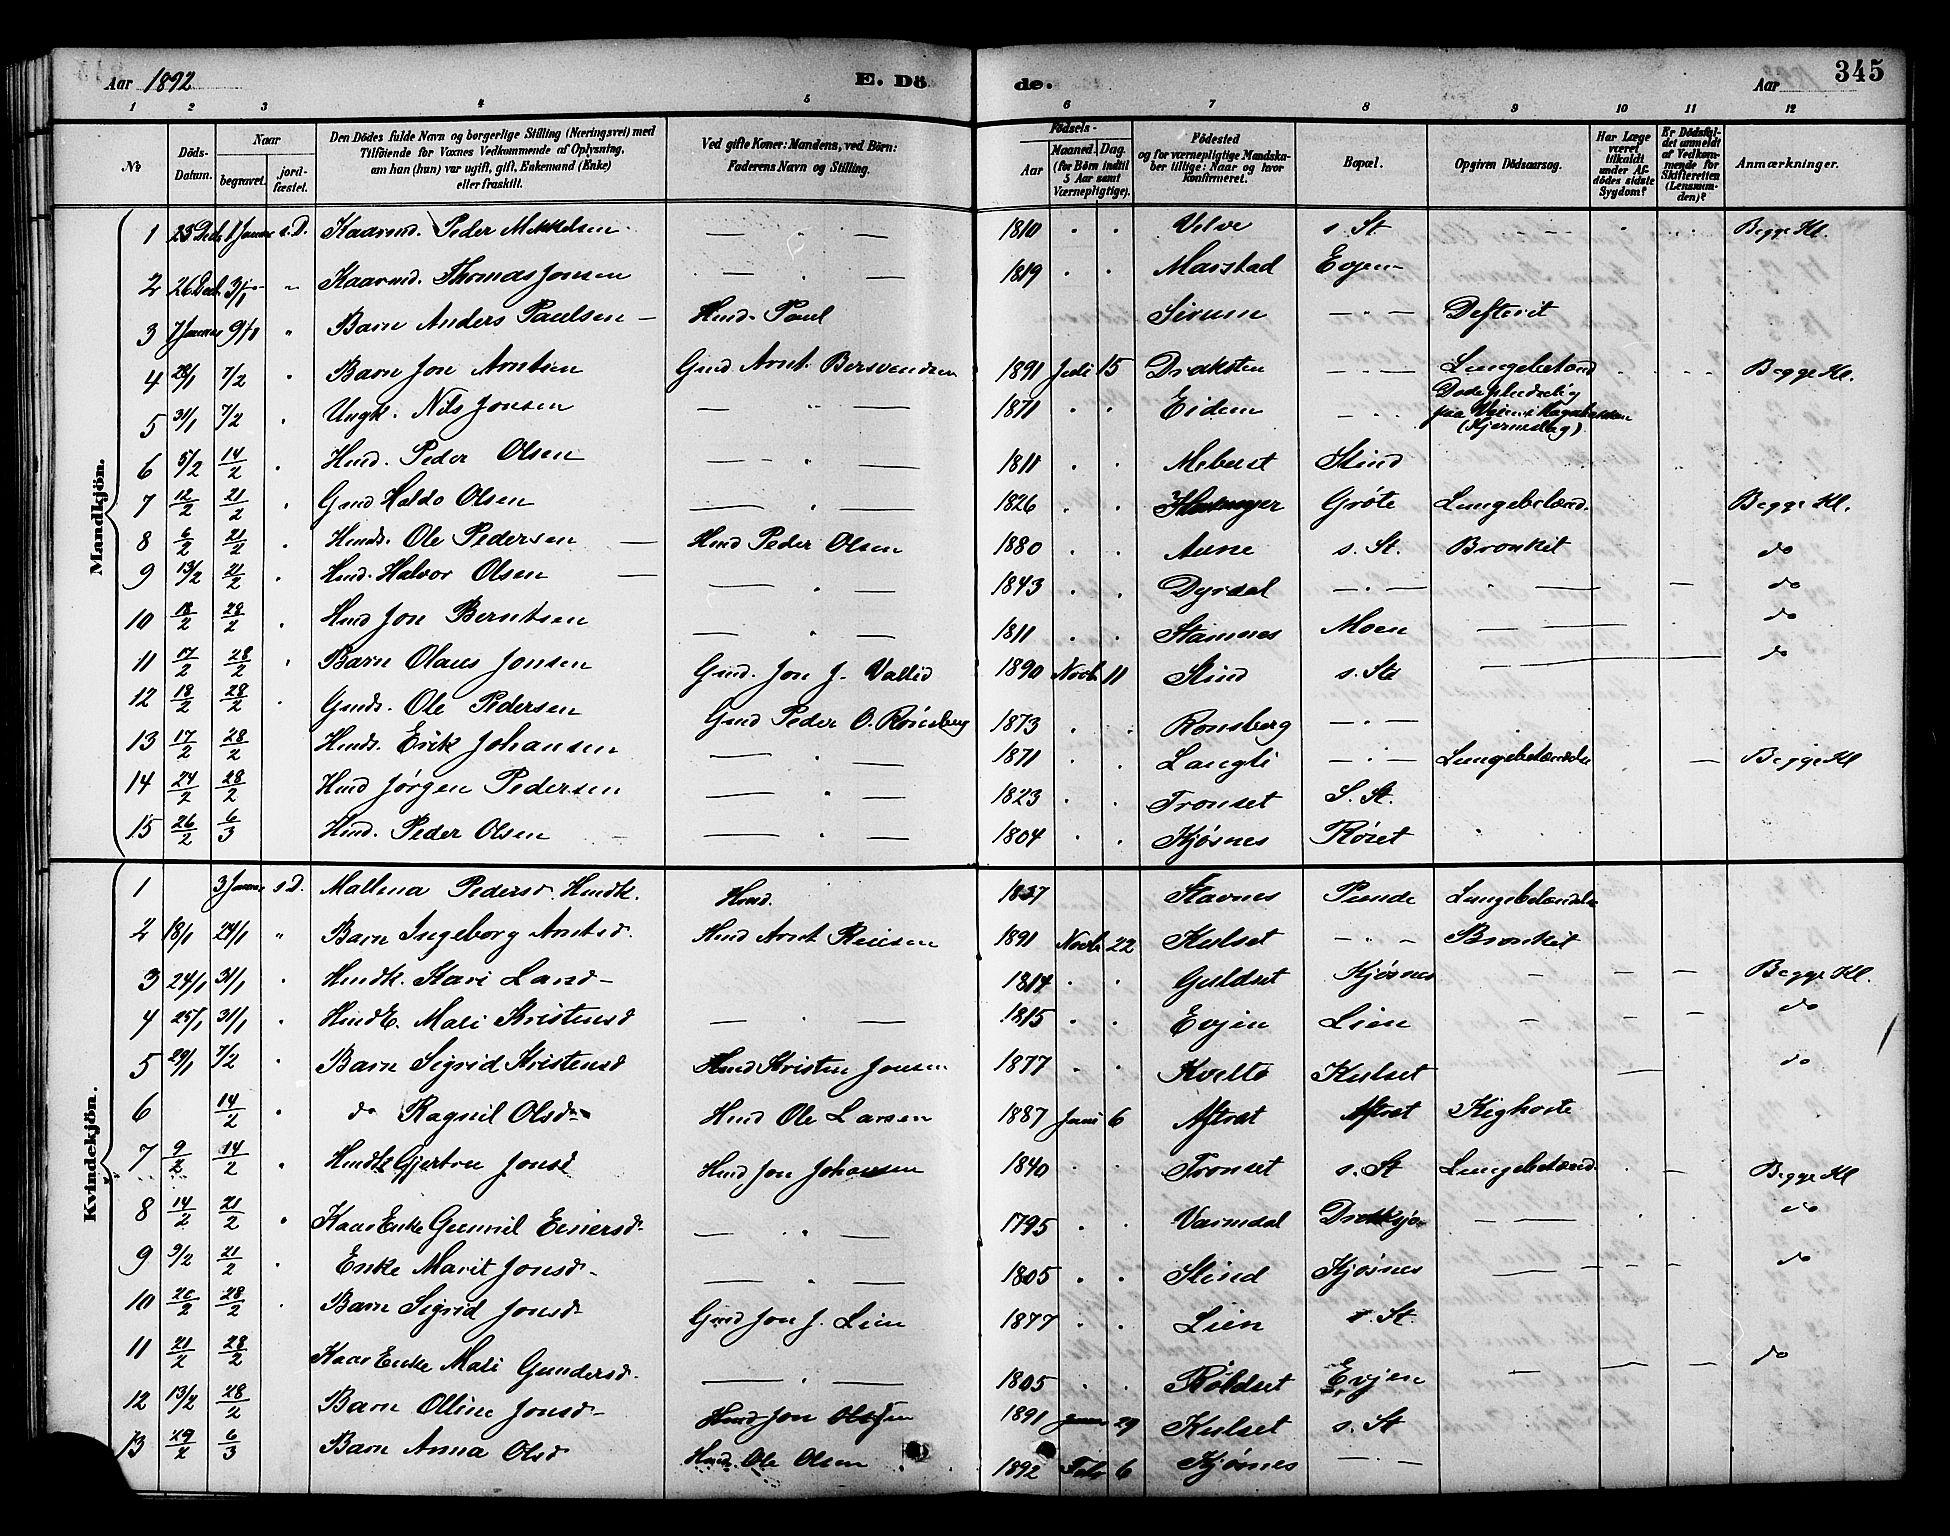 SAT, Ministerialprotokoller, klokkerbøker og fødselsregistre - Sør-Trøndelag, 695/L1157: Klokkerbok nr. 695C08, 1889-1913, s. 345